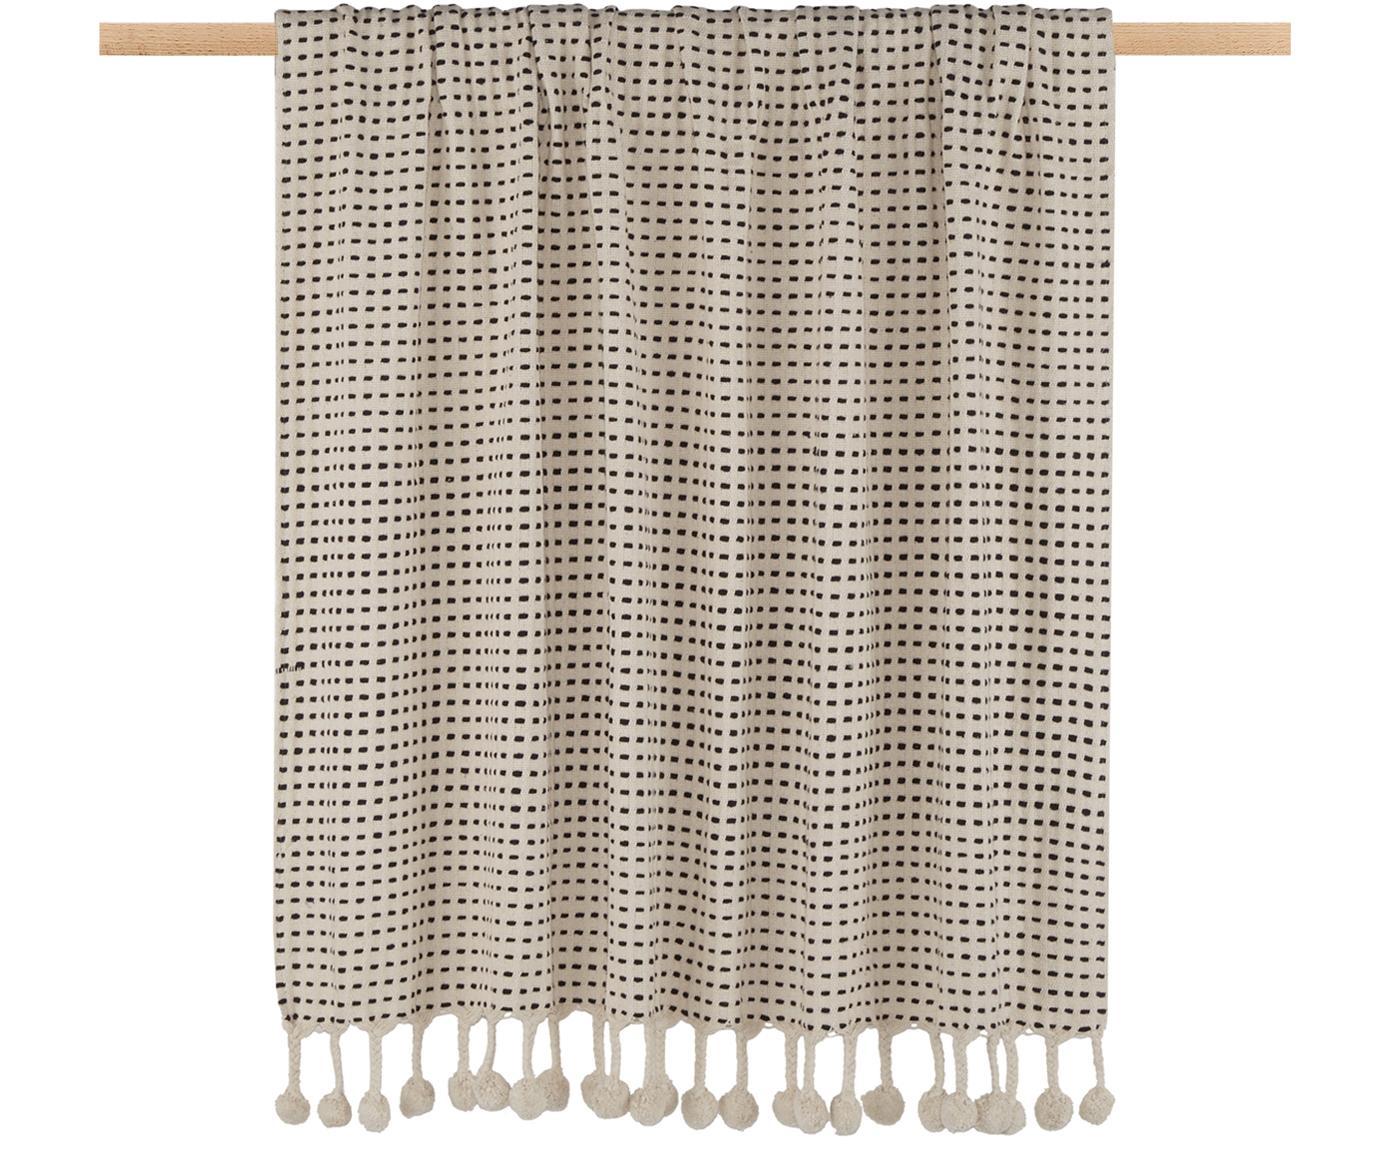 Plaid Pom Pom in Ecru/Schwarz, 100% Baumwolle, Ecru, Schwarz, 130 x 170 cm